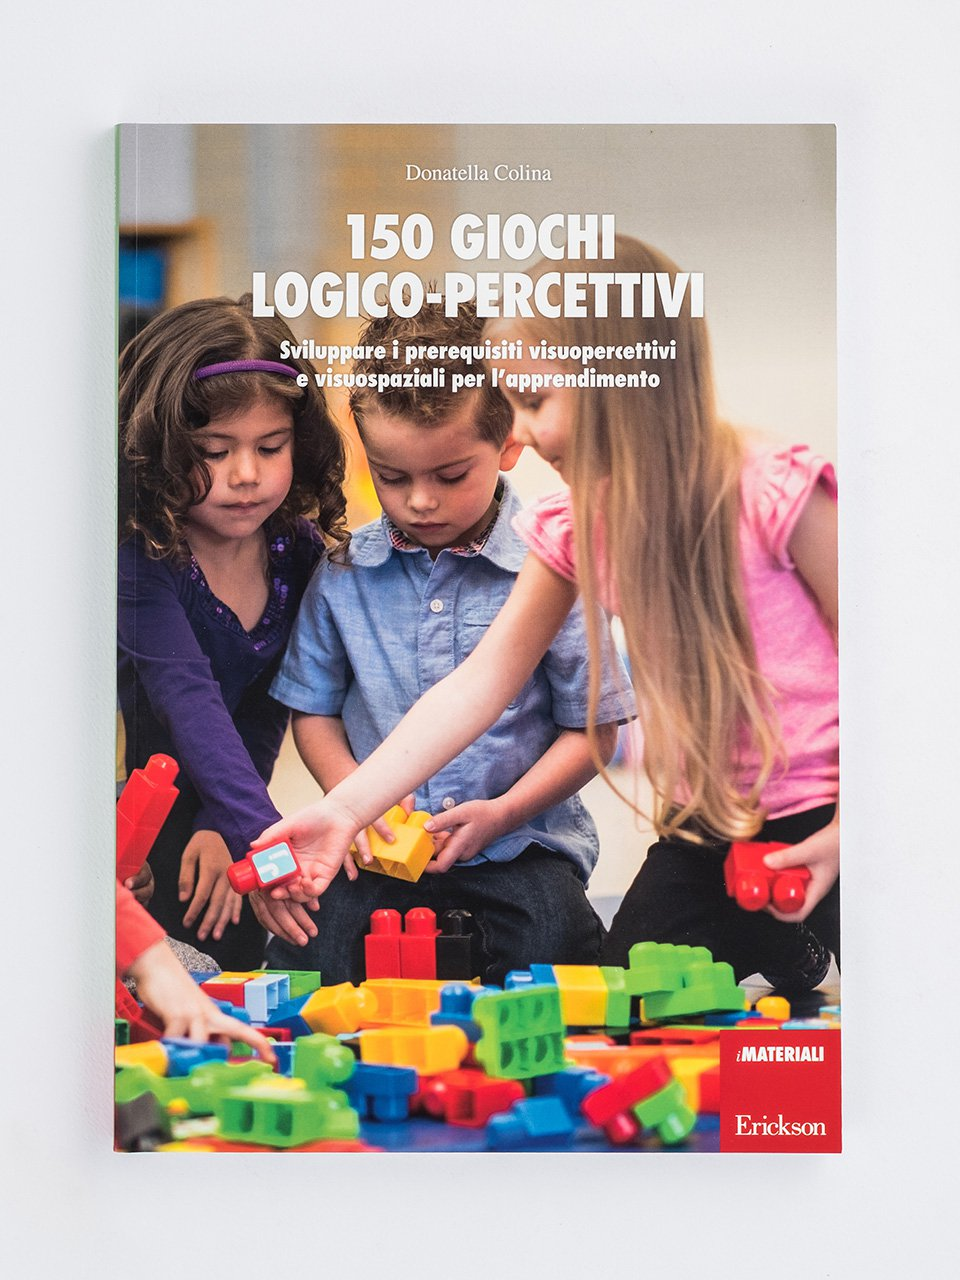 150 giochi logico-percettivi - Tablotto (6-8 anni) - Giochi - Erickson